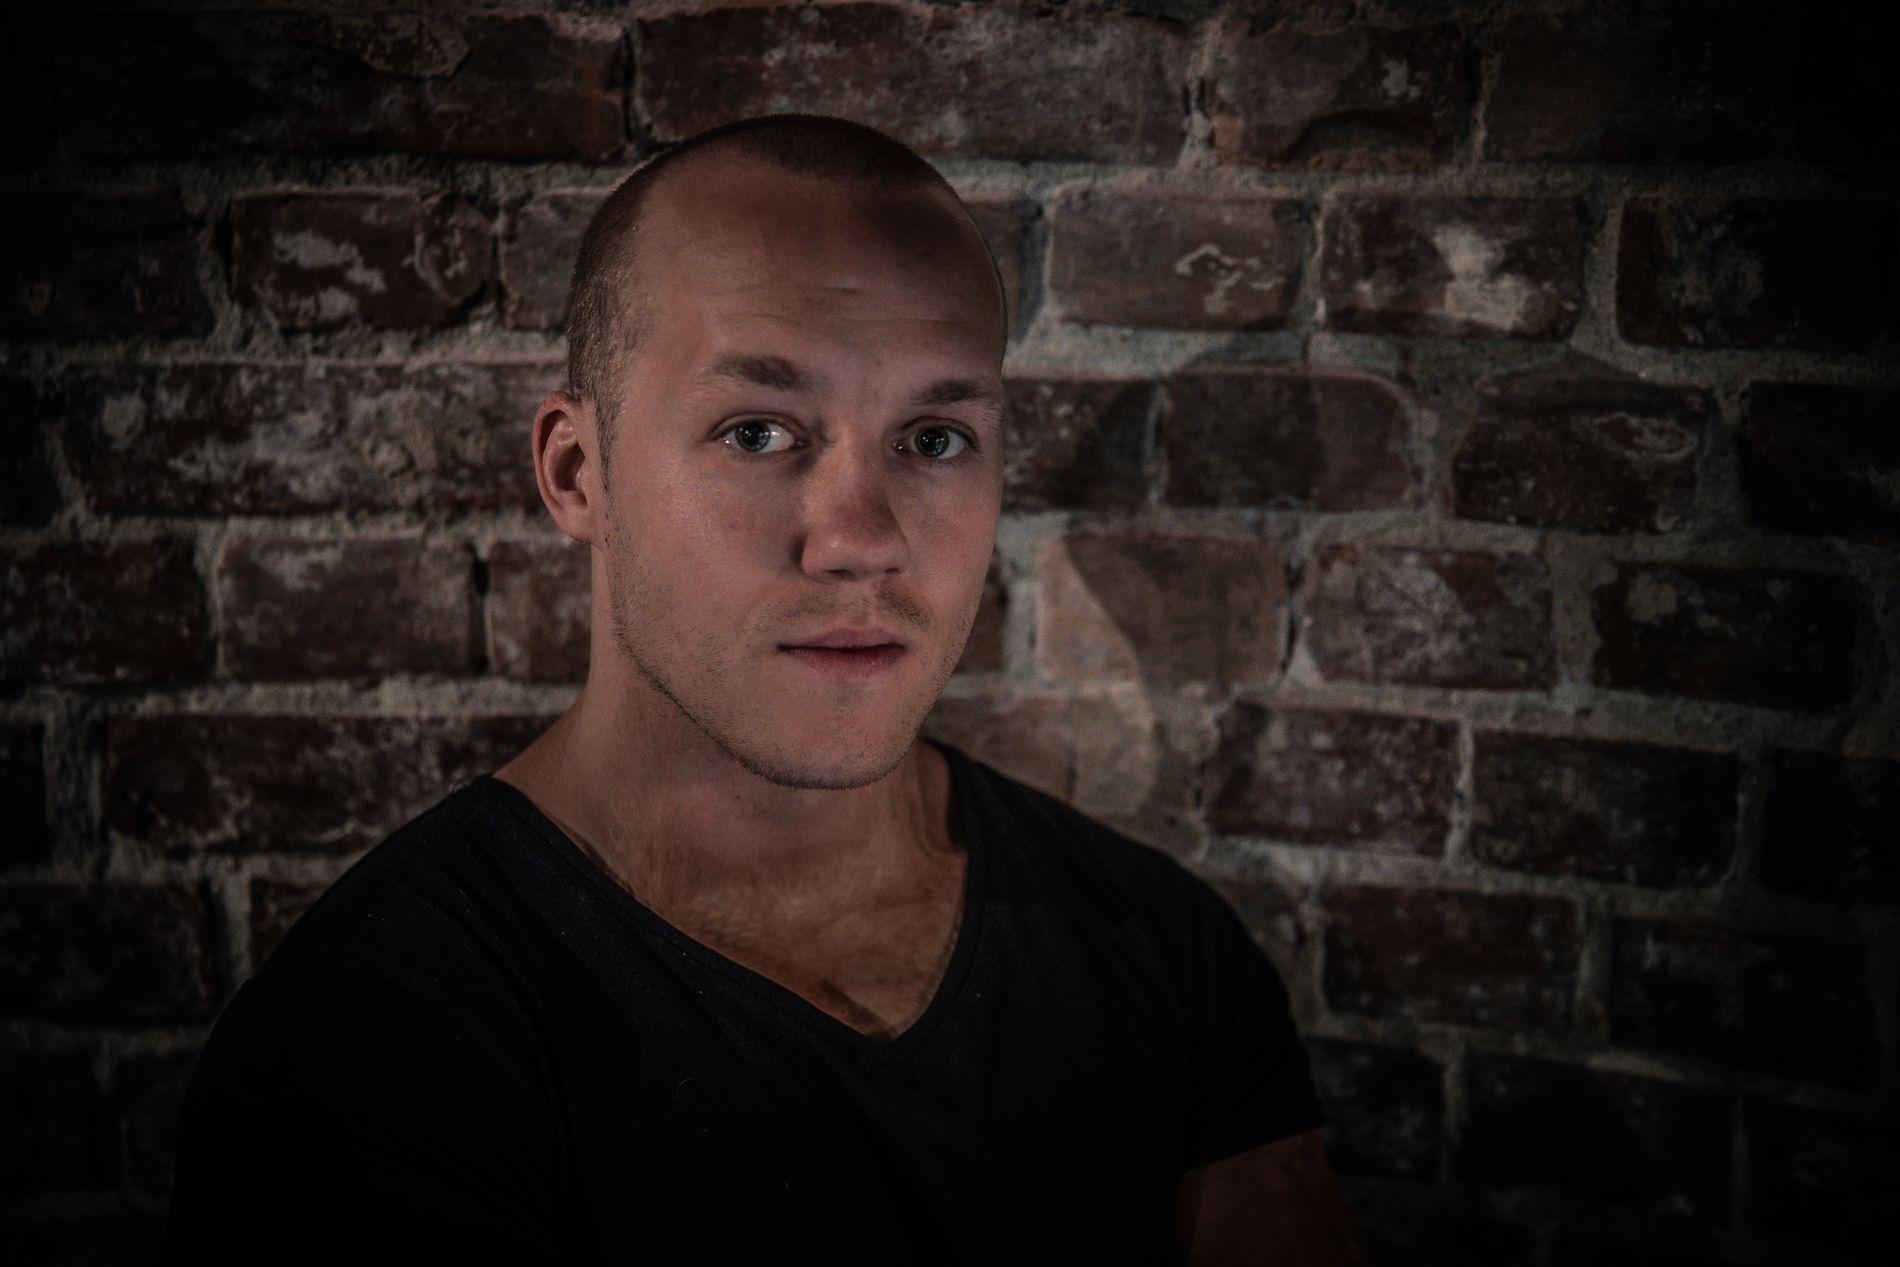 VIL INSPIRERE: Simen Almås (25) jobber fulltid med å dele sin historie fra Utøya. Han vil vise ungdom at man kan kjempe seg tilbake selv når alt er på sitt aller mørkeste.